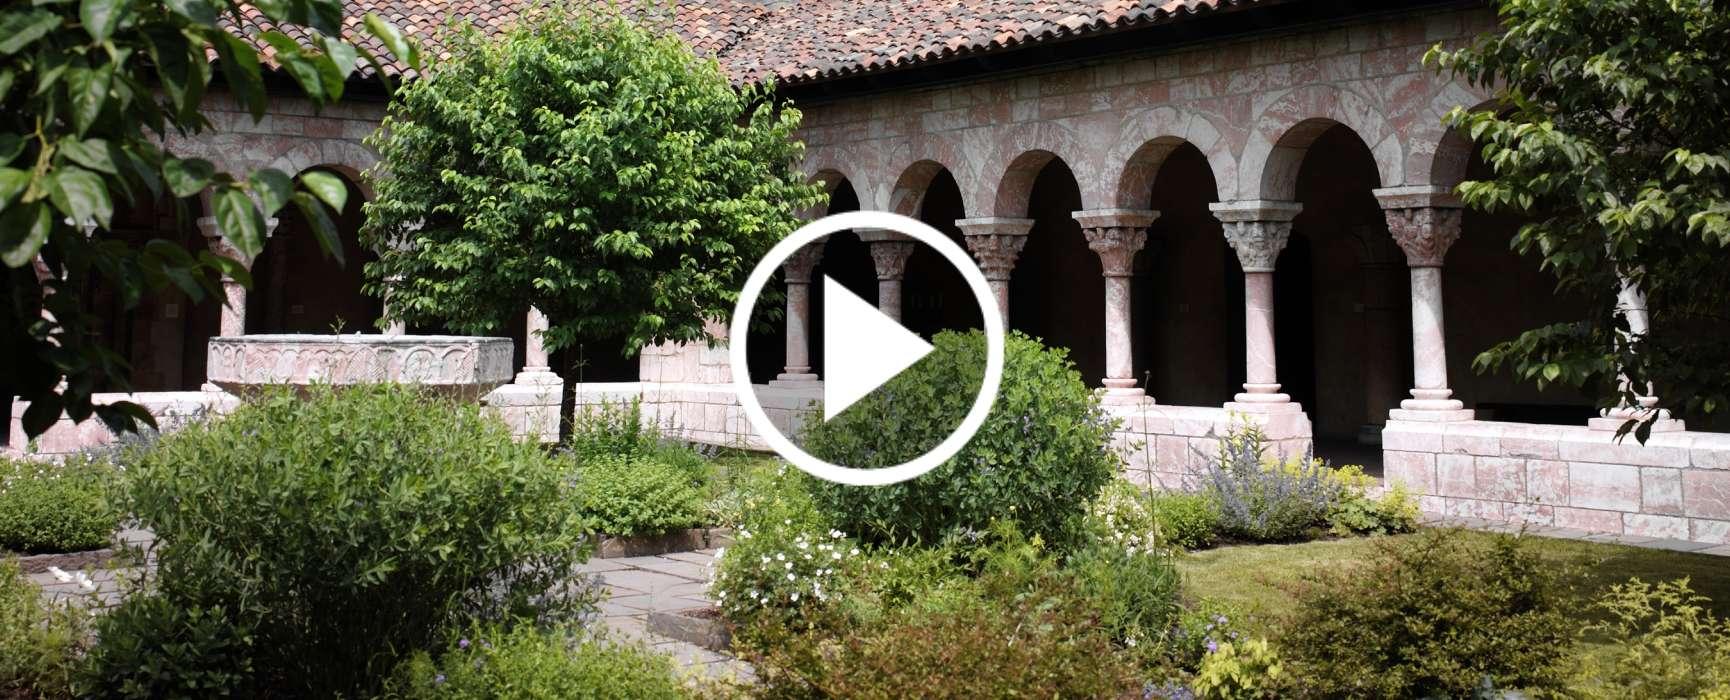 Video still: Outdoor facade of the Cuxa Cloister